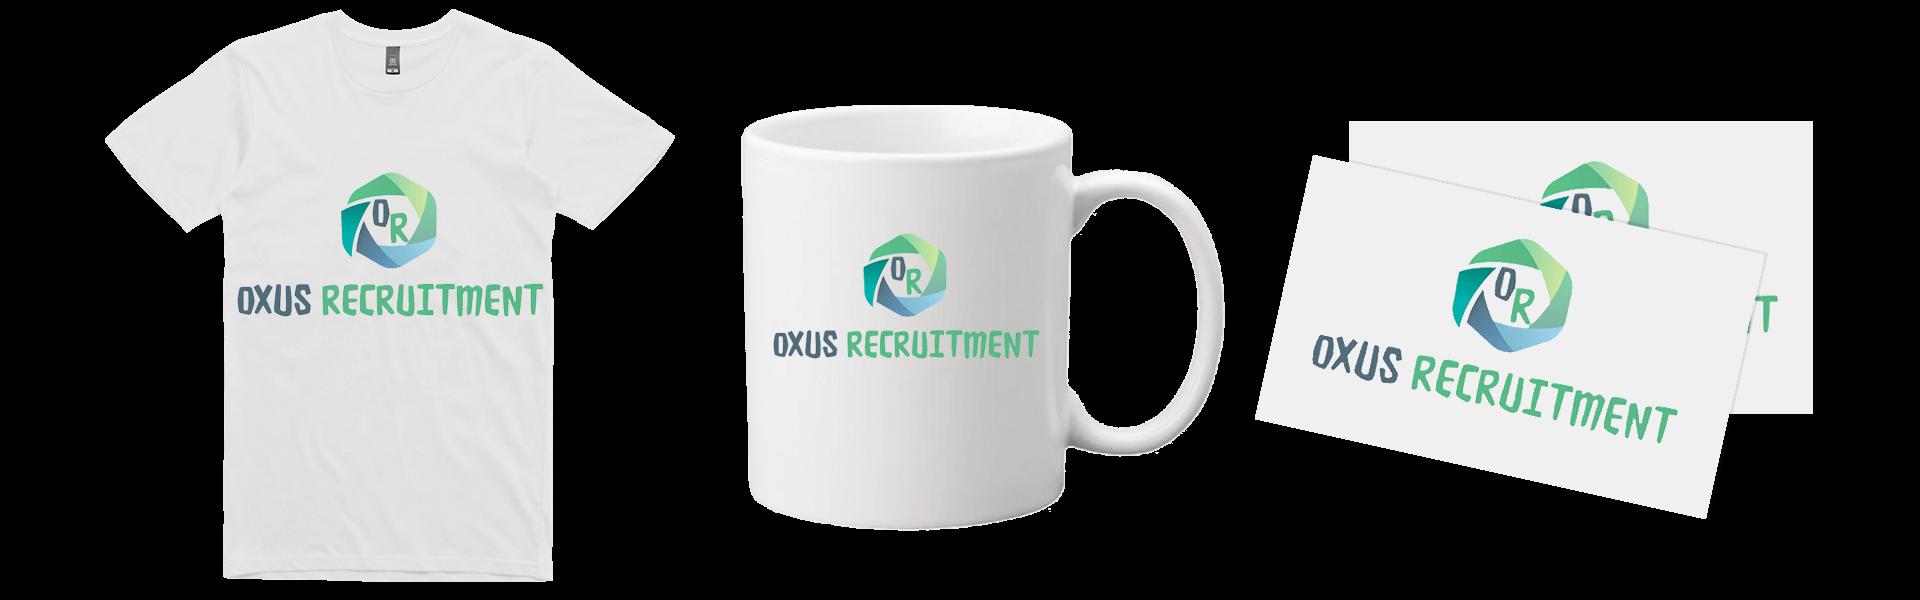 oxus recruitment